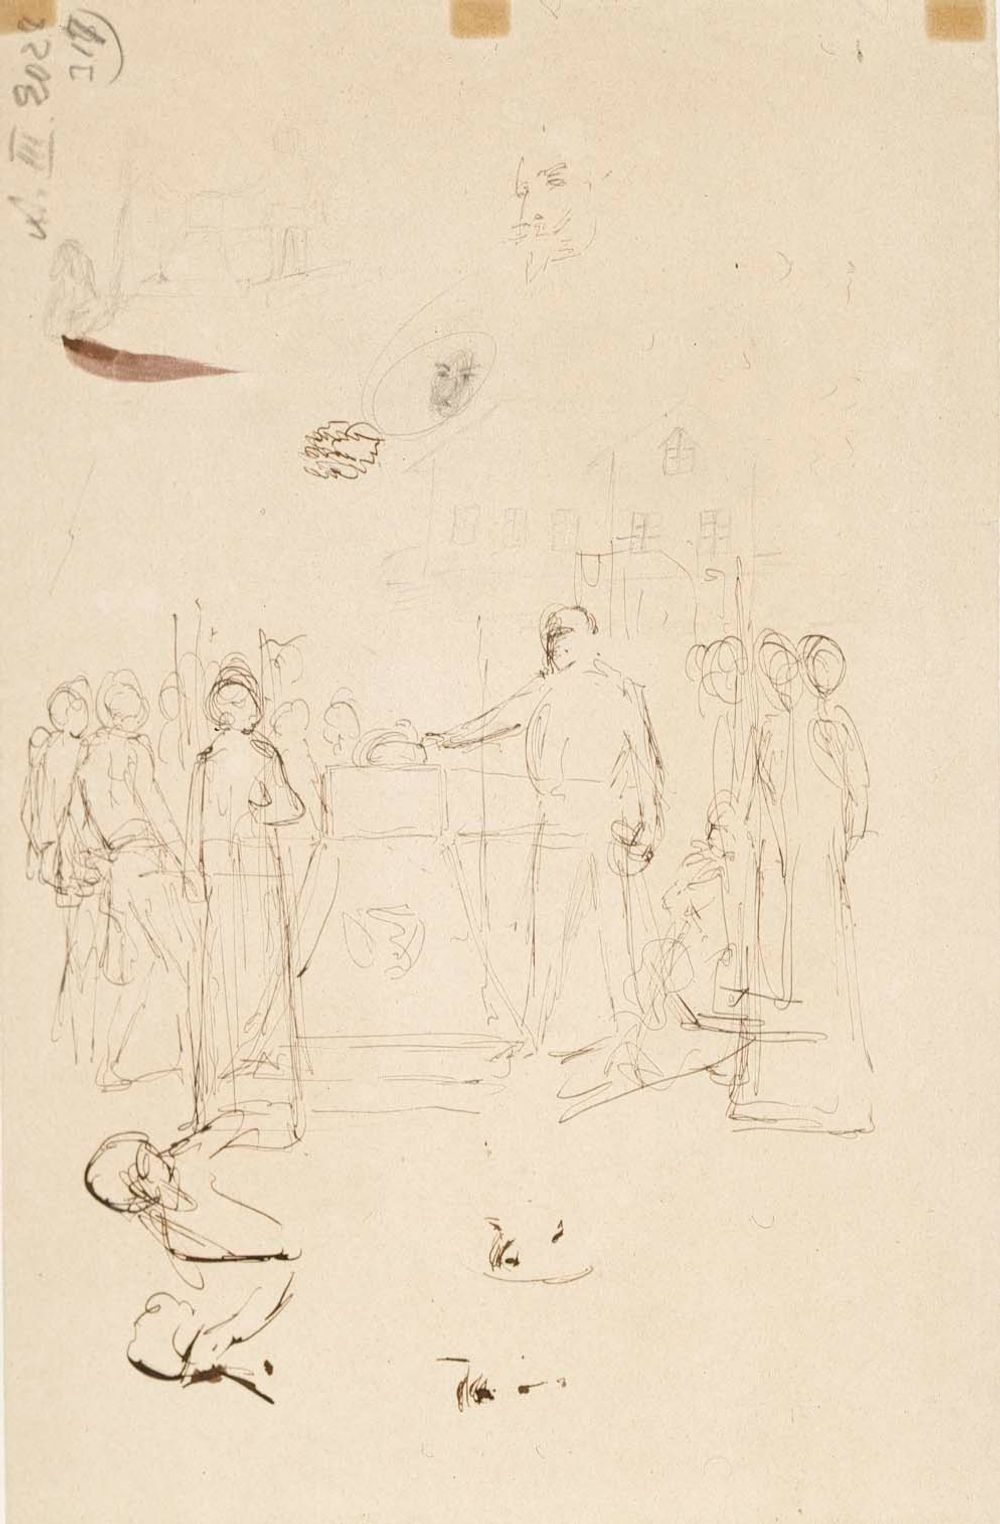 Harjoitelmia teokseen Kaarle-herttua herjaa Klaus Flemingin ruumista, Ebba Fleming ja Sigrid Stålarm ; Tois. puol. sommitteluluonnos samaan tauluun